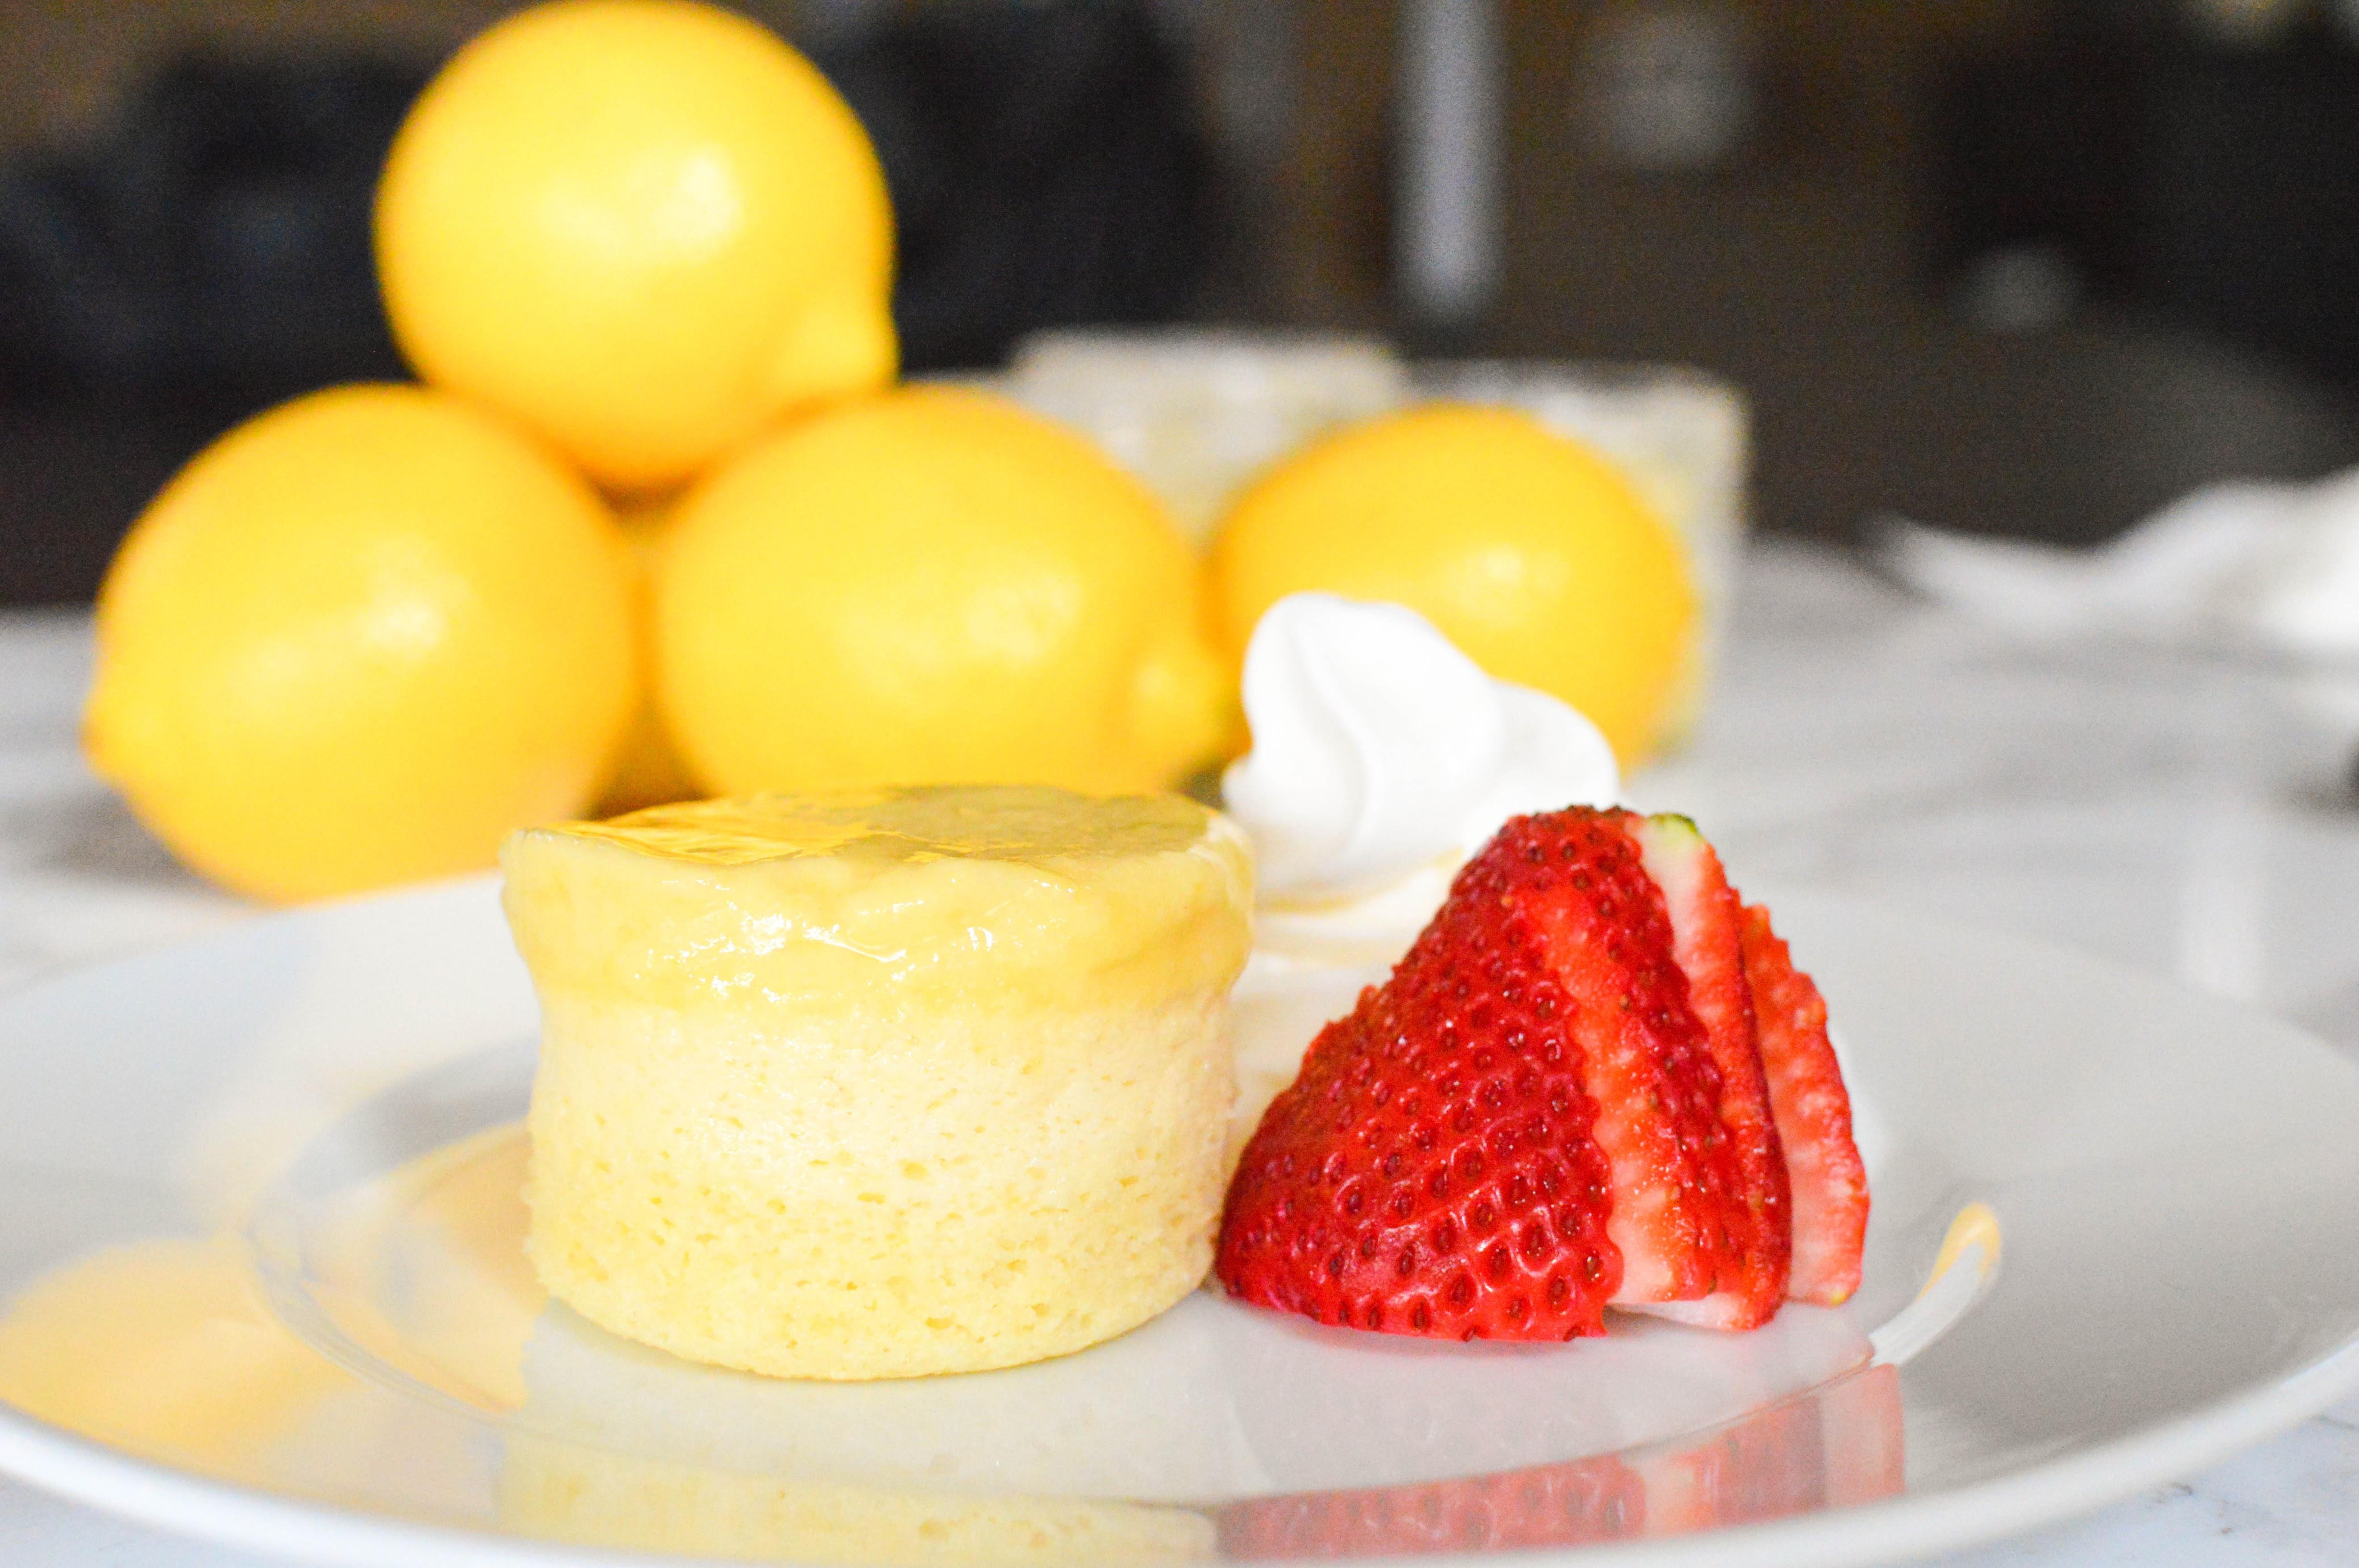 wee eats - game of thrones lemon cake 1